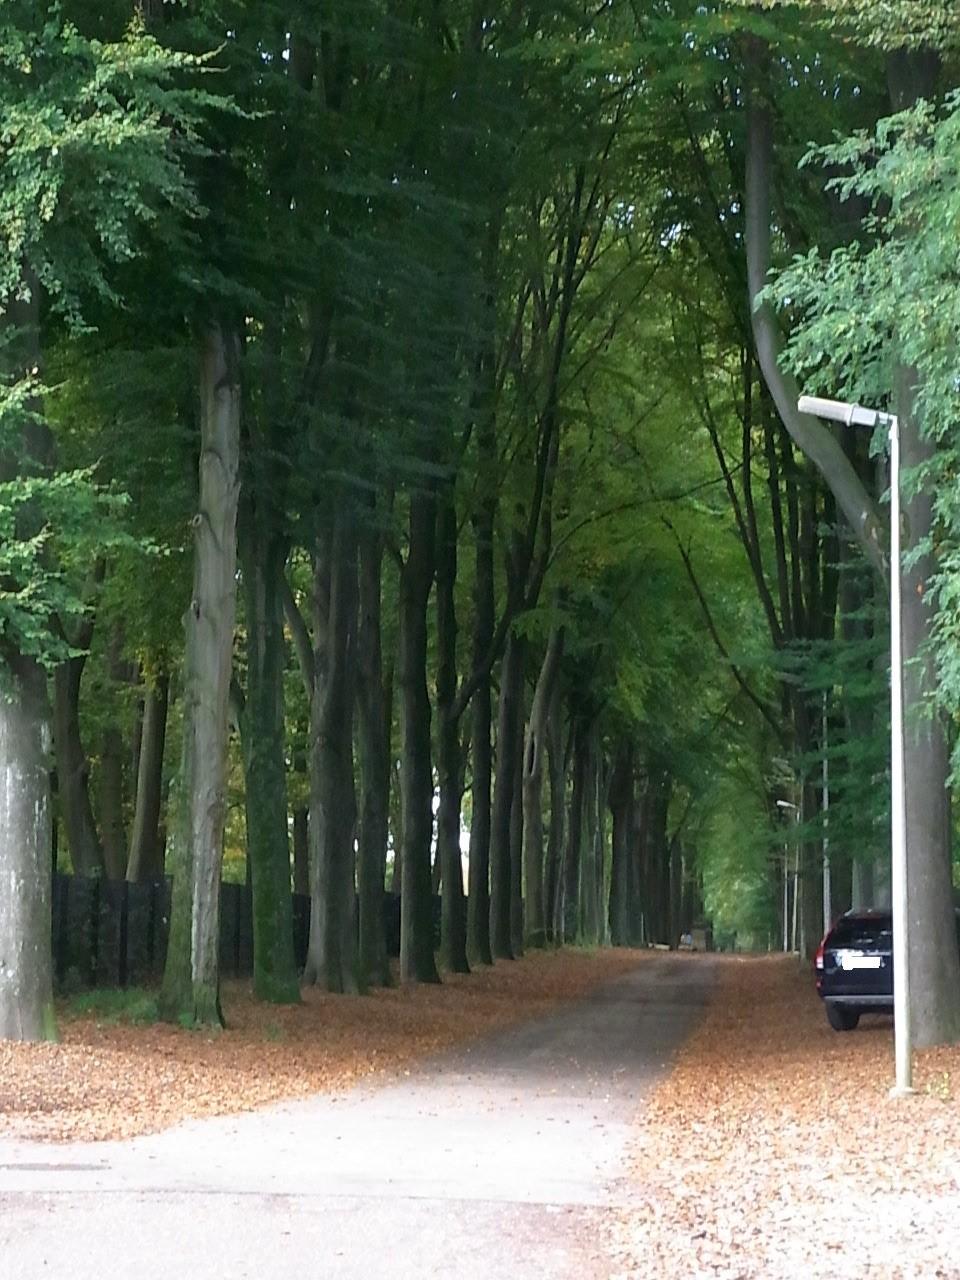 Waldbereich, in dem man aber nicht hindurchfahren kann